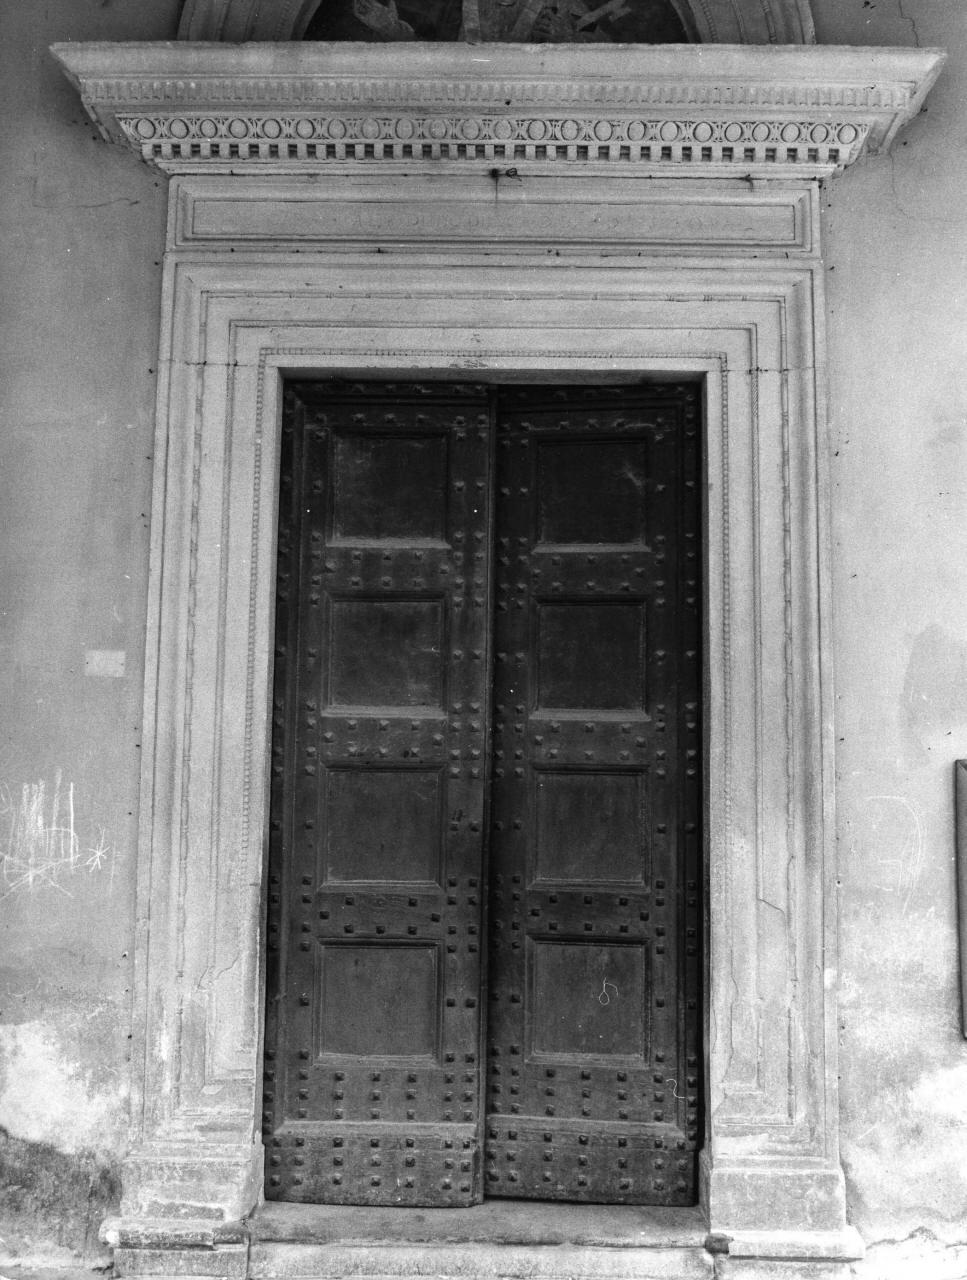 portale architravato - bottega toscana (sec. XVI)